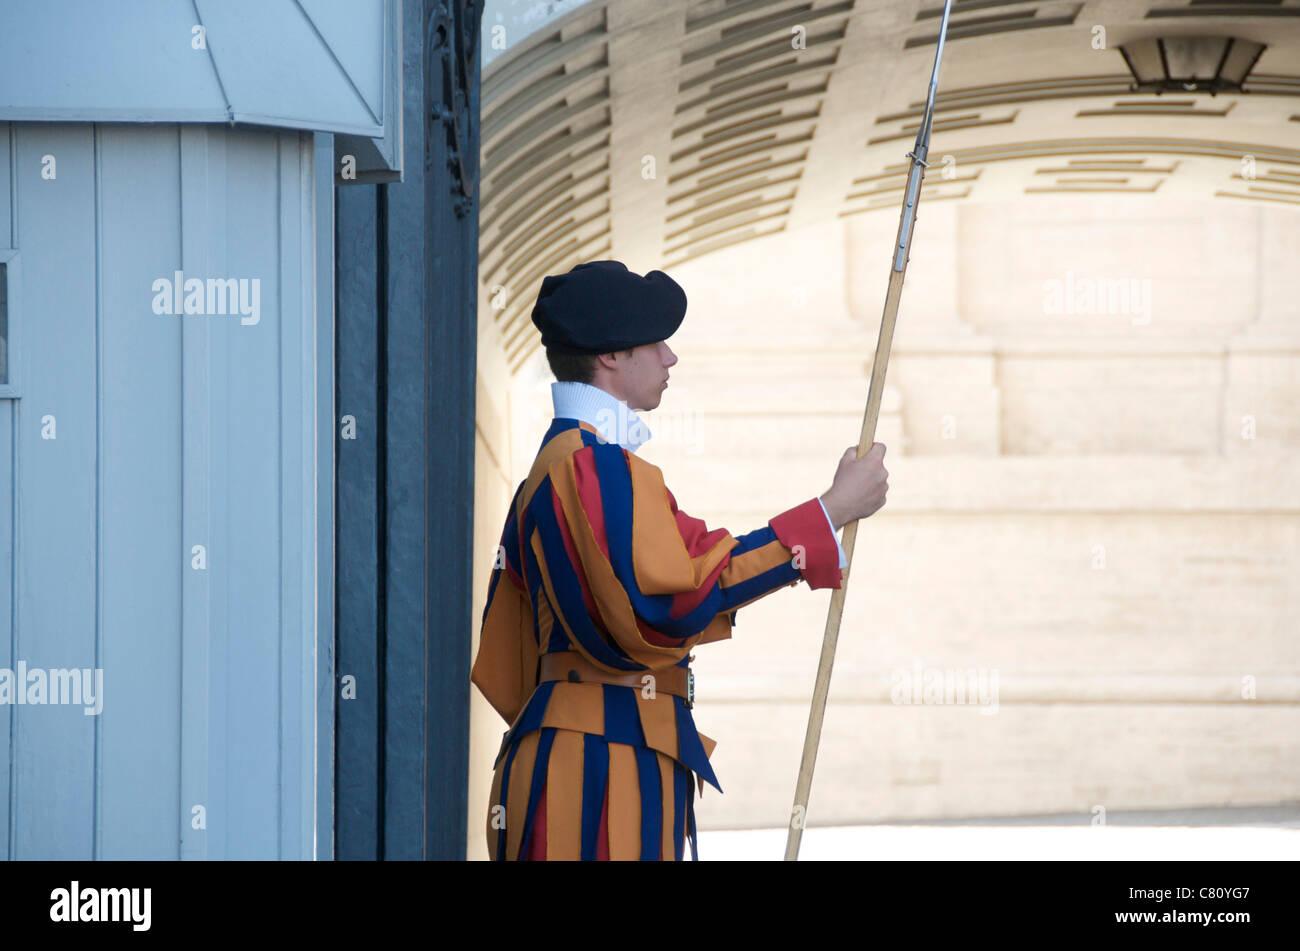 Soldat de la garde suisse à la basilique Saint-Pierre, Vatican, Rome, Italie Banque D'Images